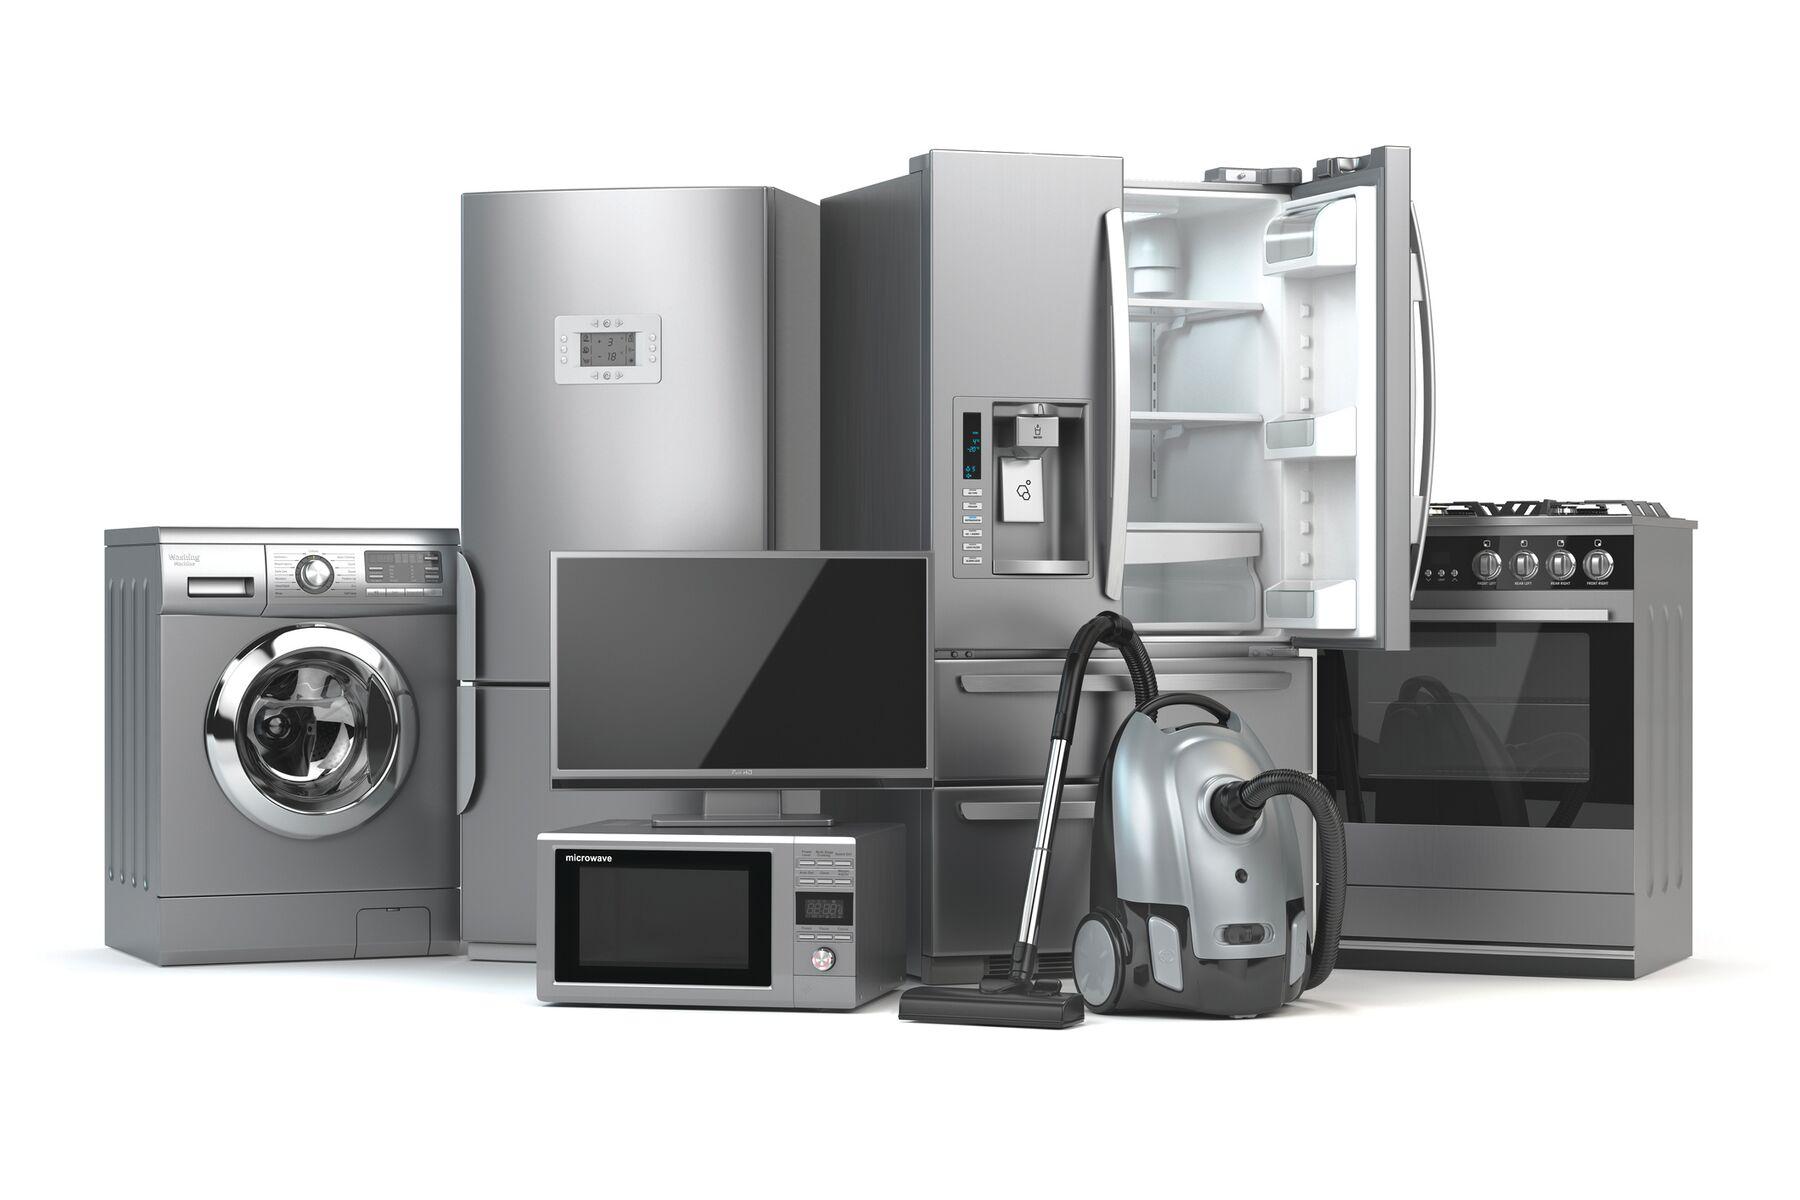 Appliances Image 1